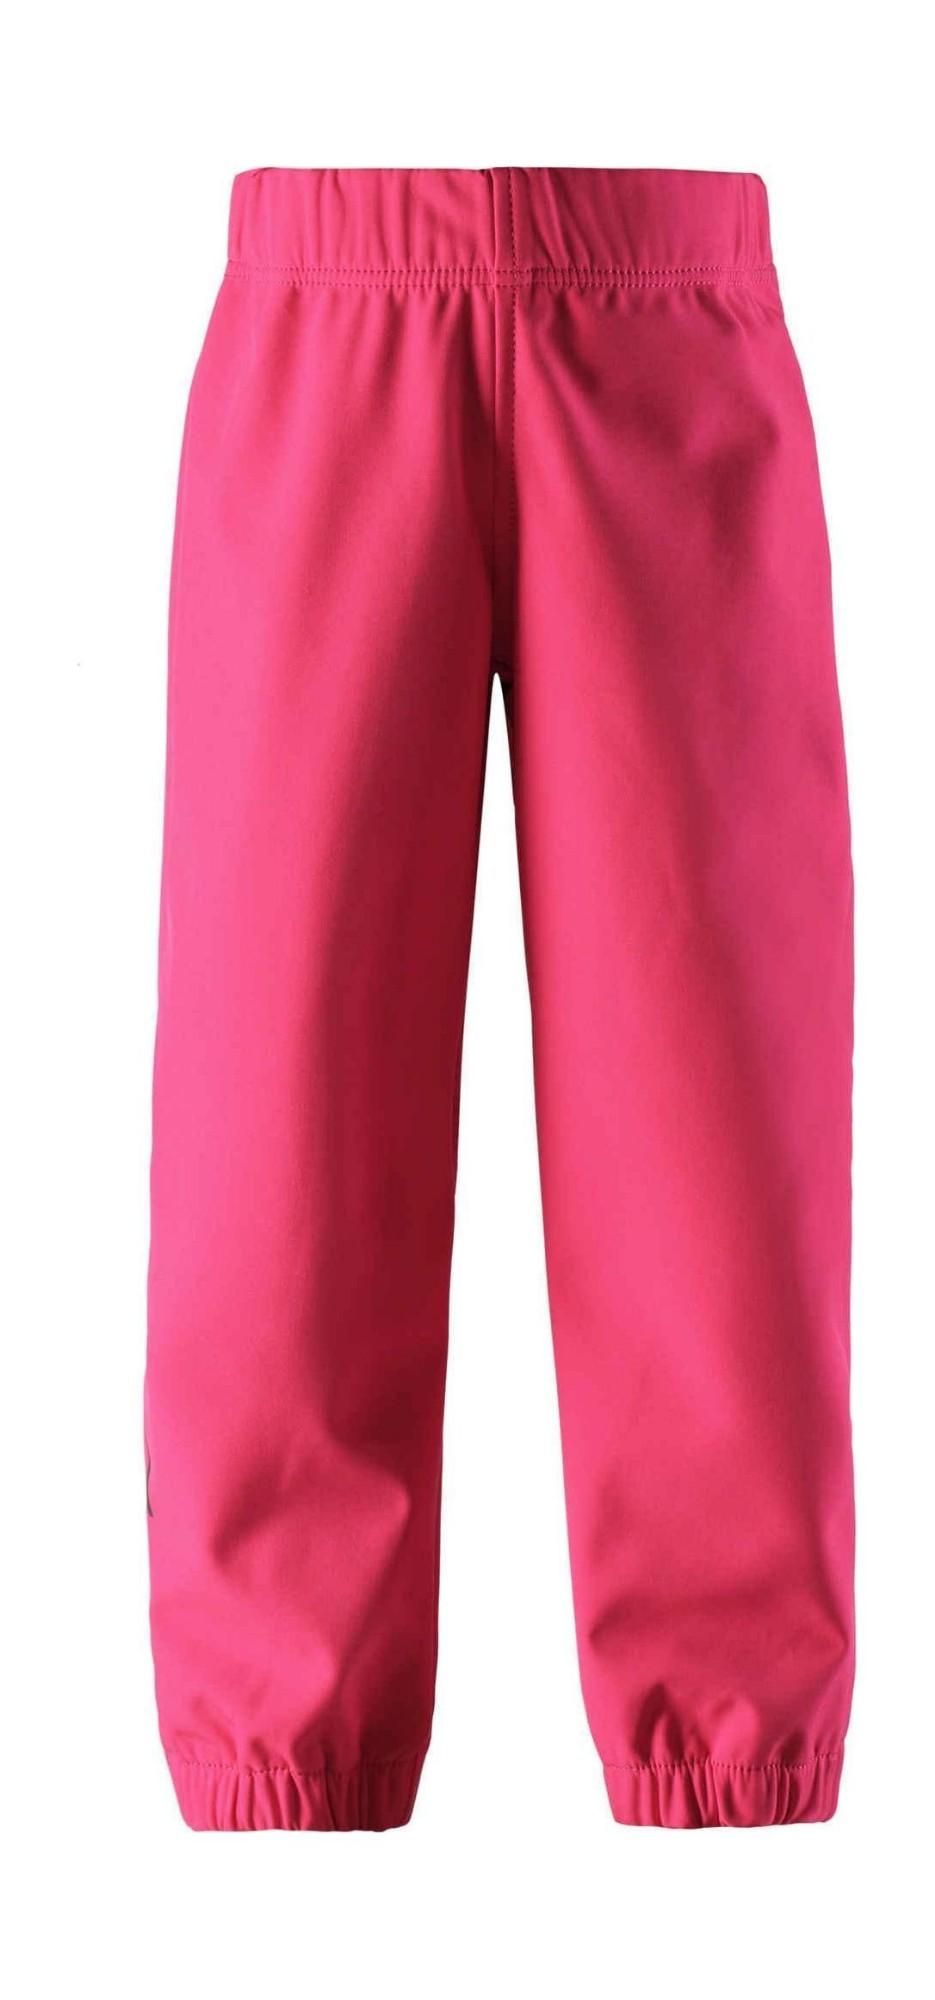 REIMA Kuori Candy Pink 92